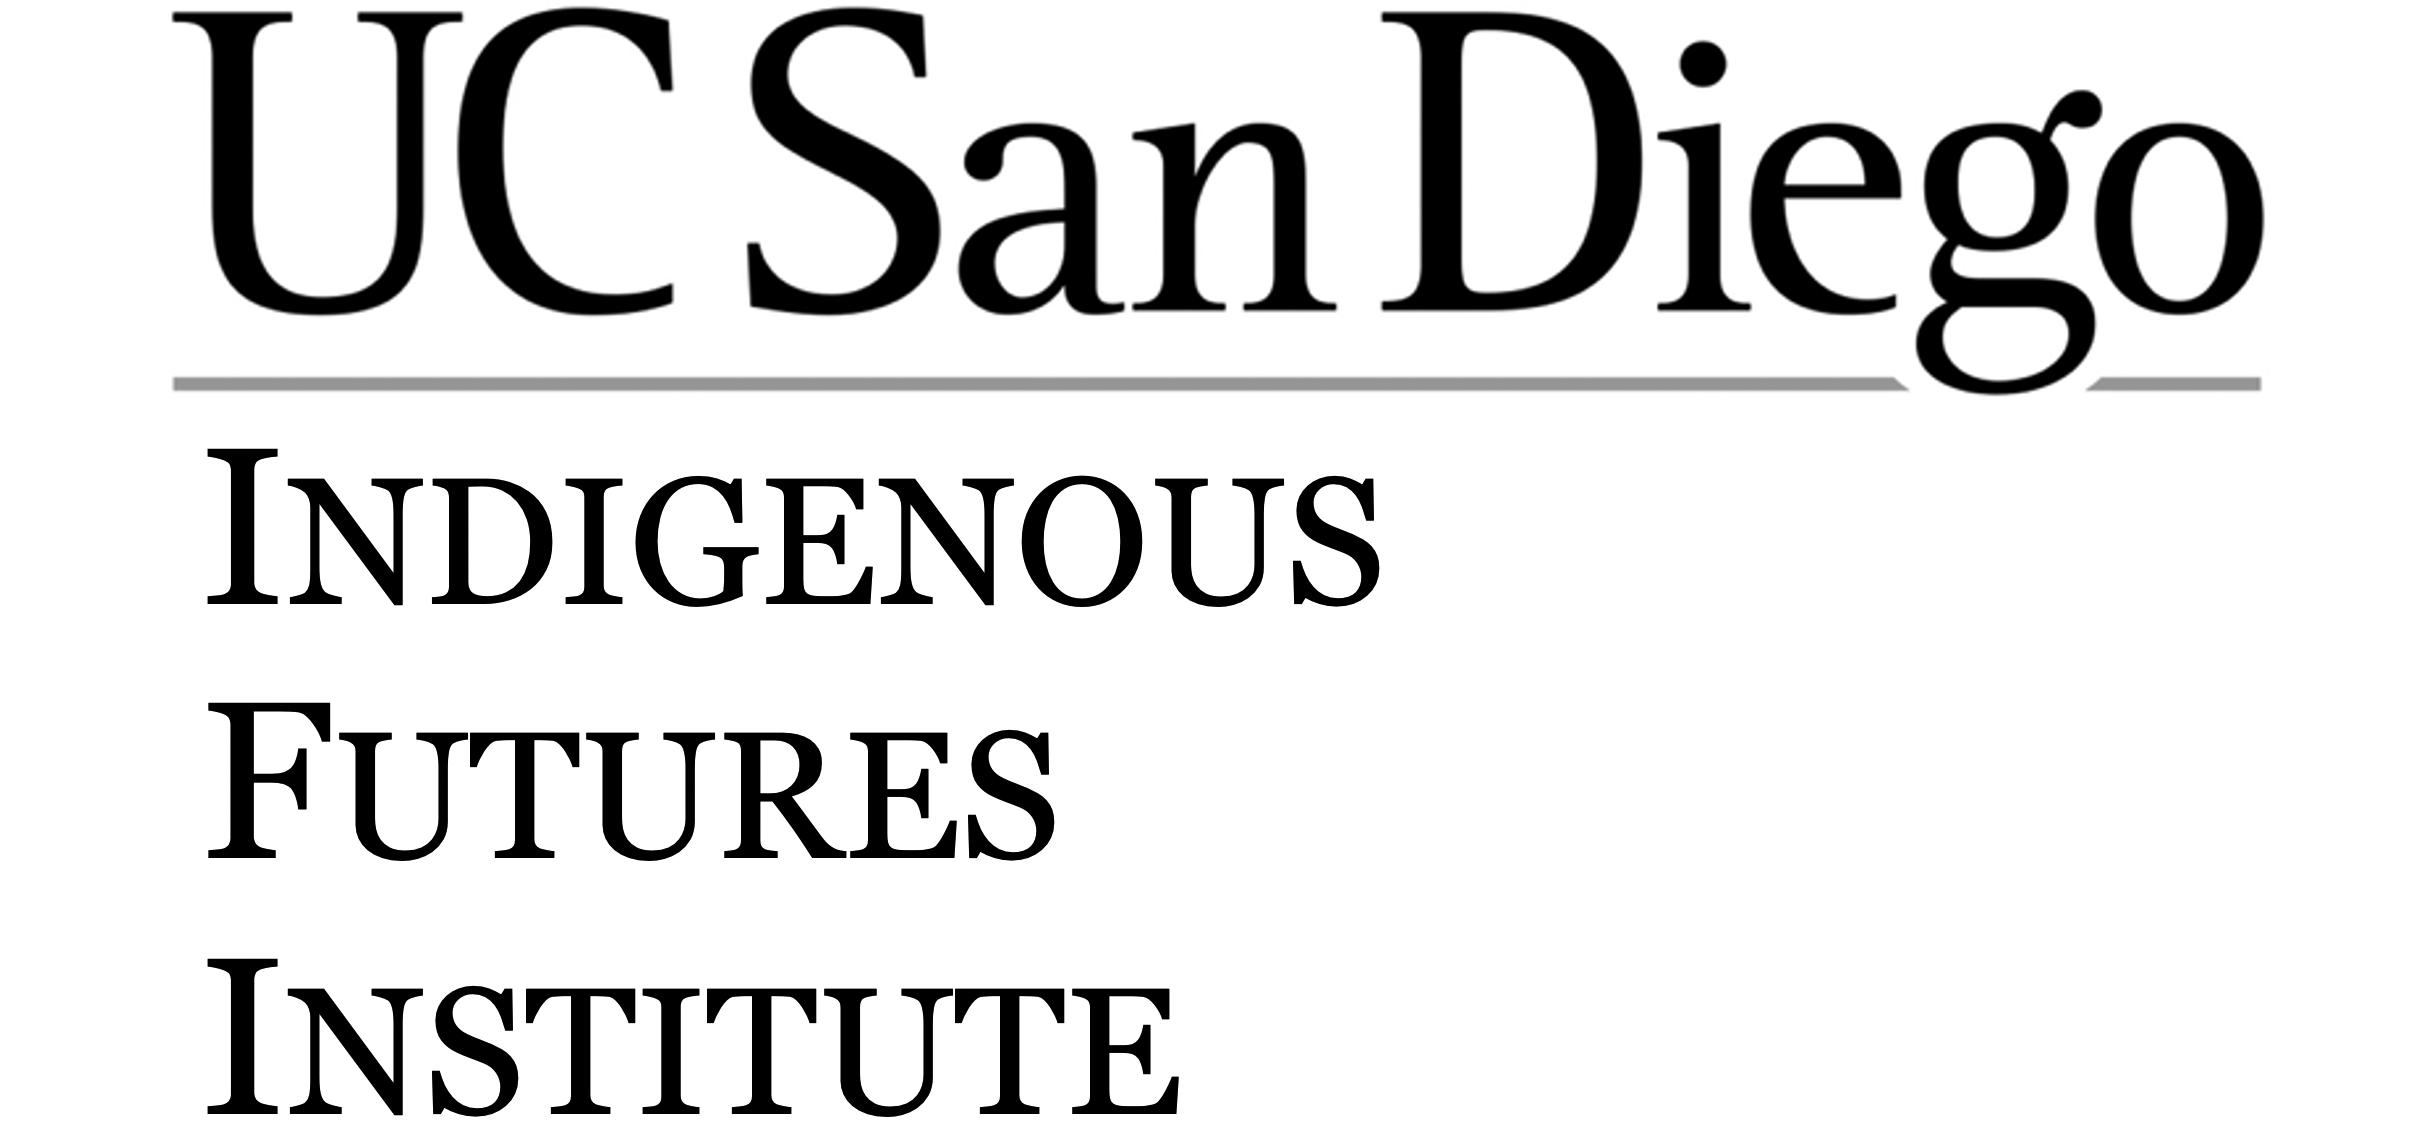 UC San Diego Indigenous Futures Institute logo